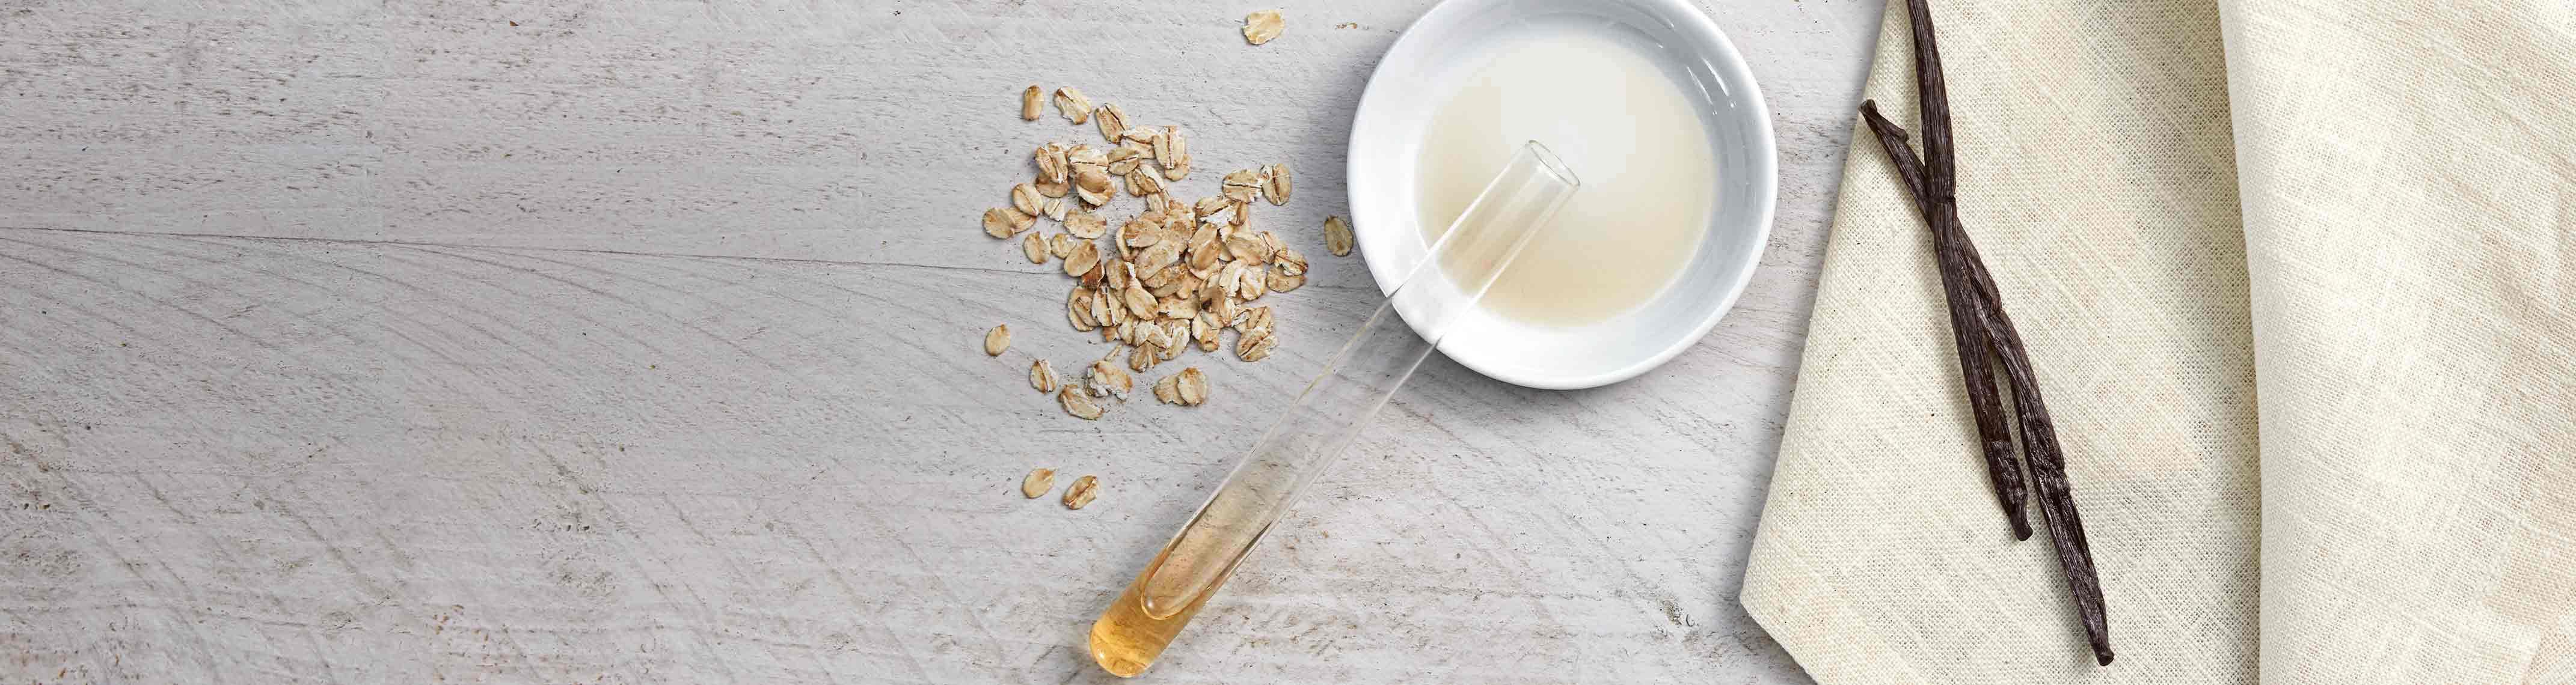 Extraer esencia de vainilla de vainas de vainilla